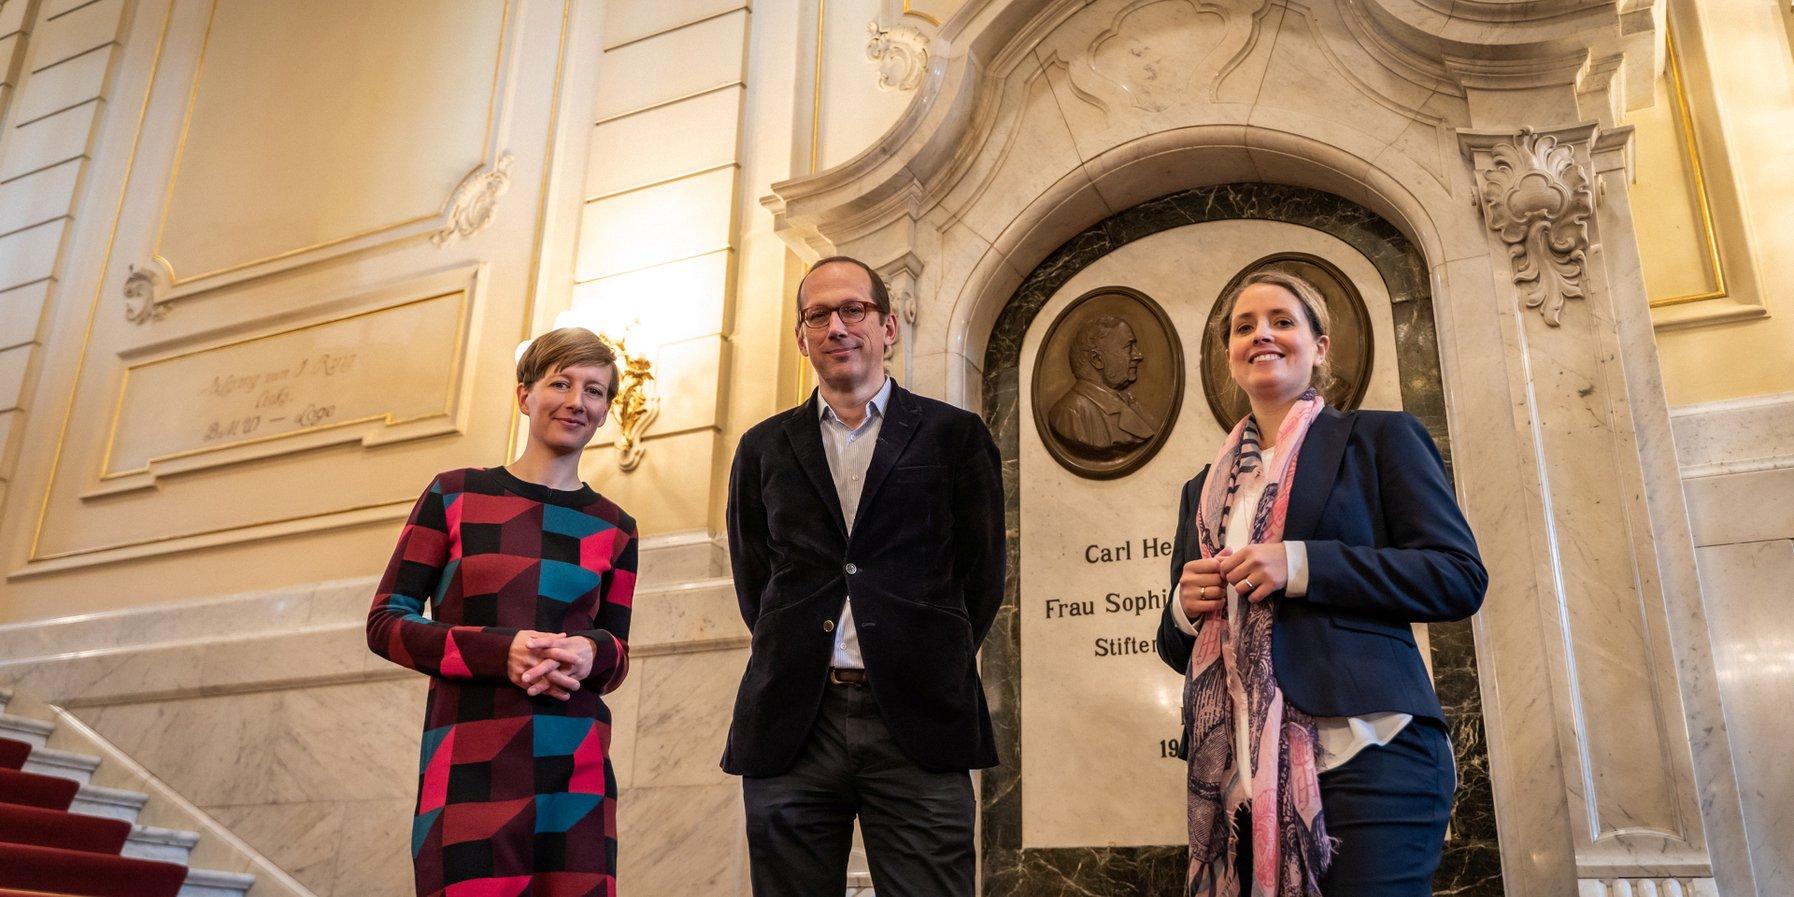 Kristina Sassenscheidt, Christoph Lieben-Seutter und Sarah Scarr